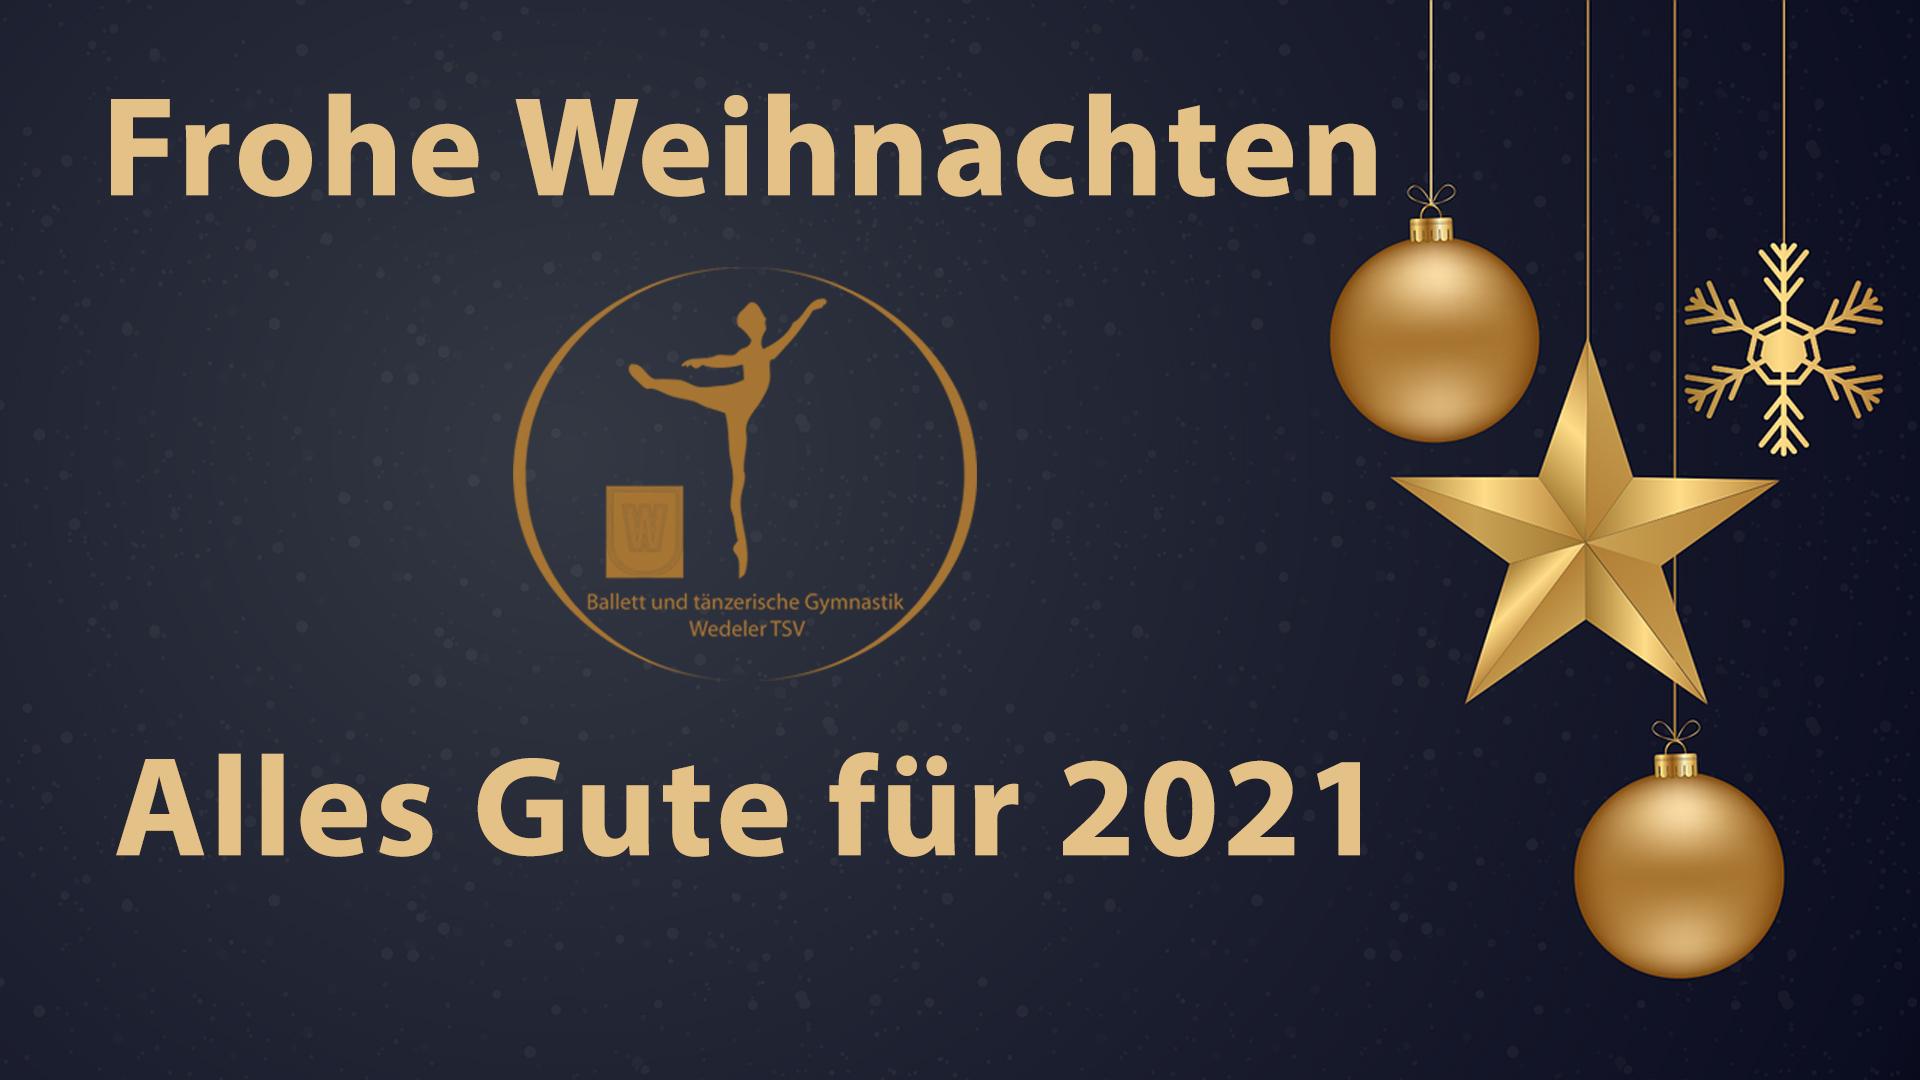 Frohe Weihnachten 2020